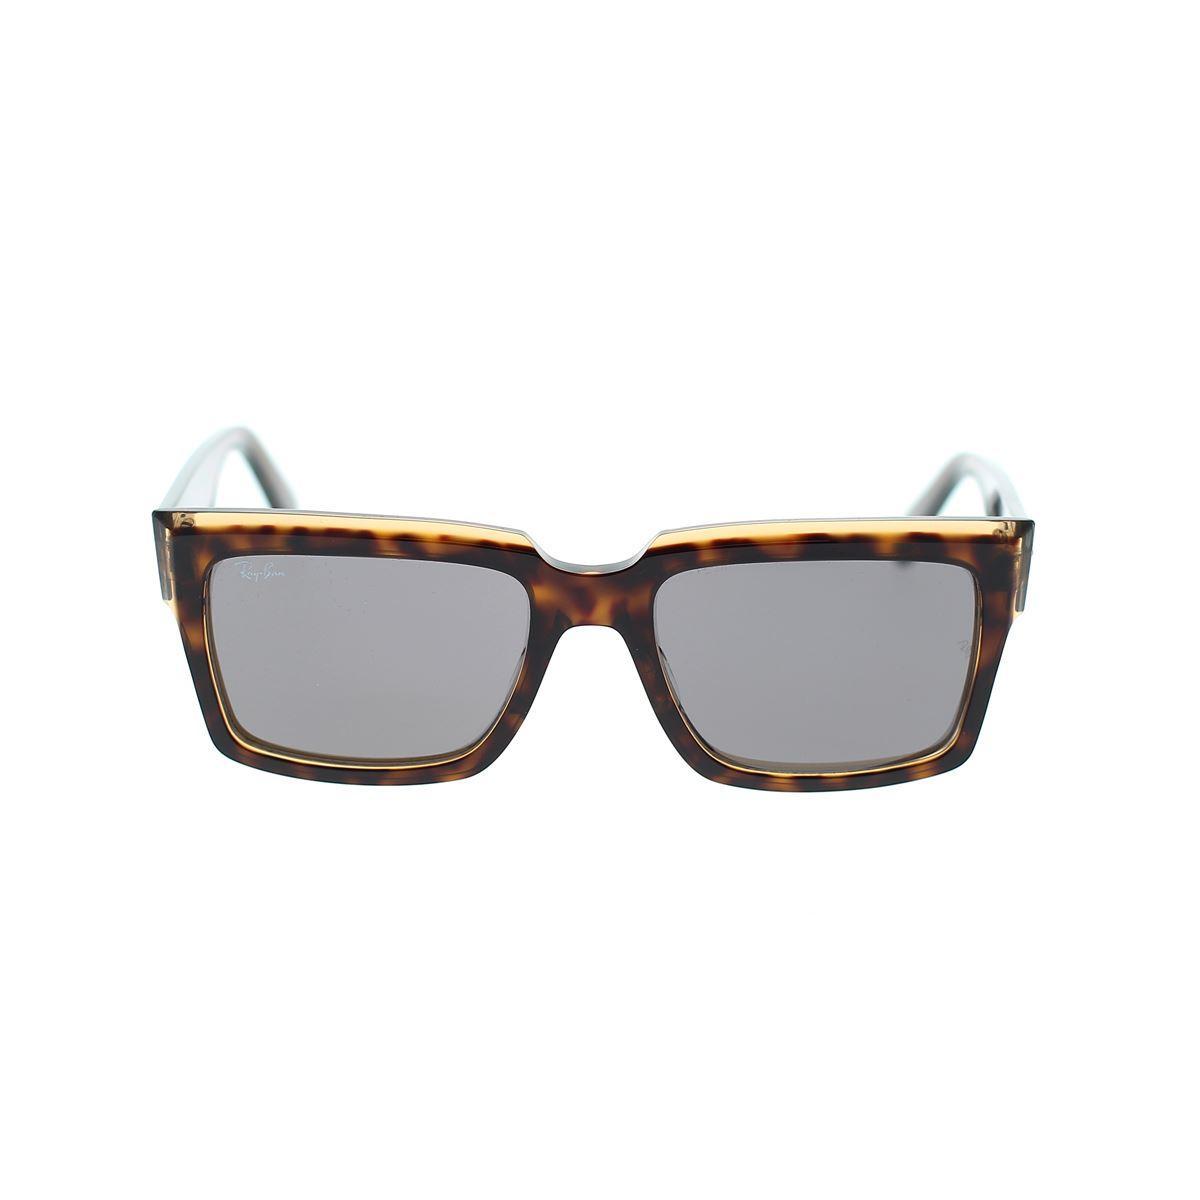 ray-ban occhiali da sole inverness rb2191 1292b1